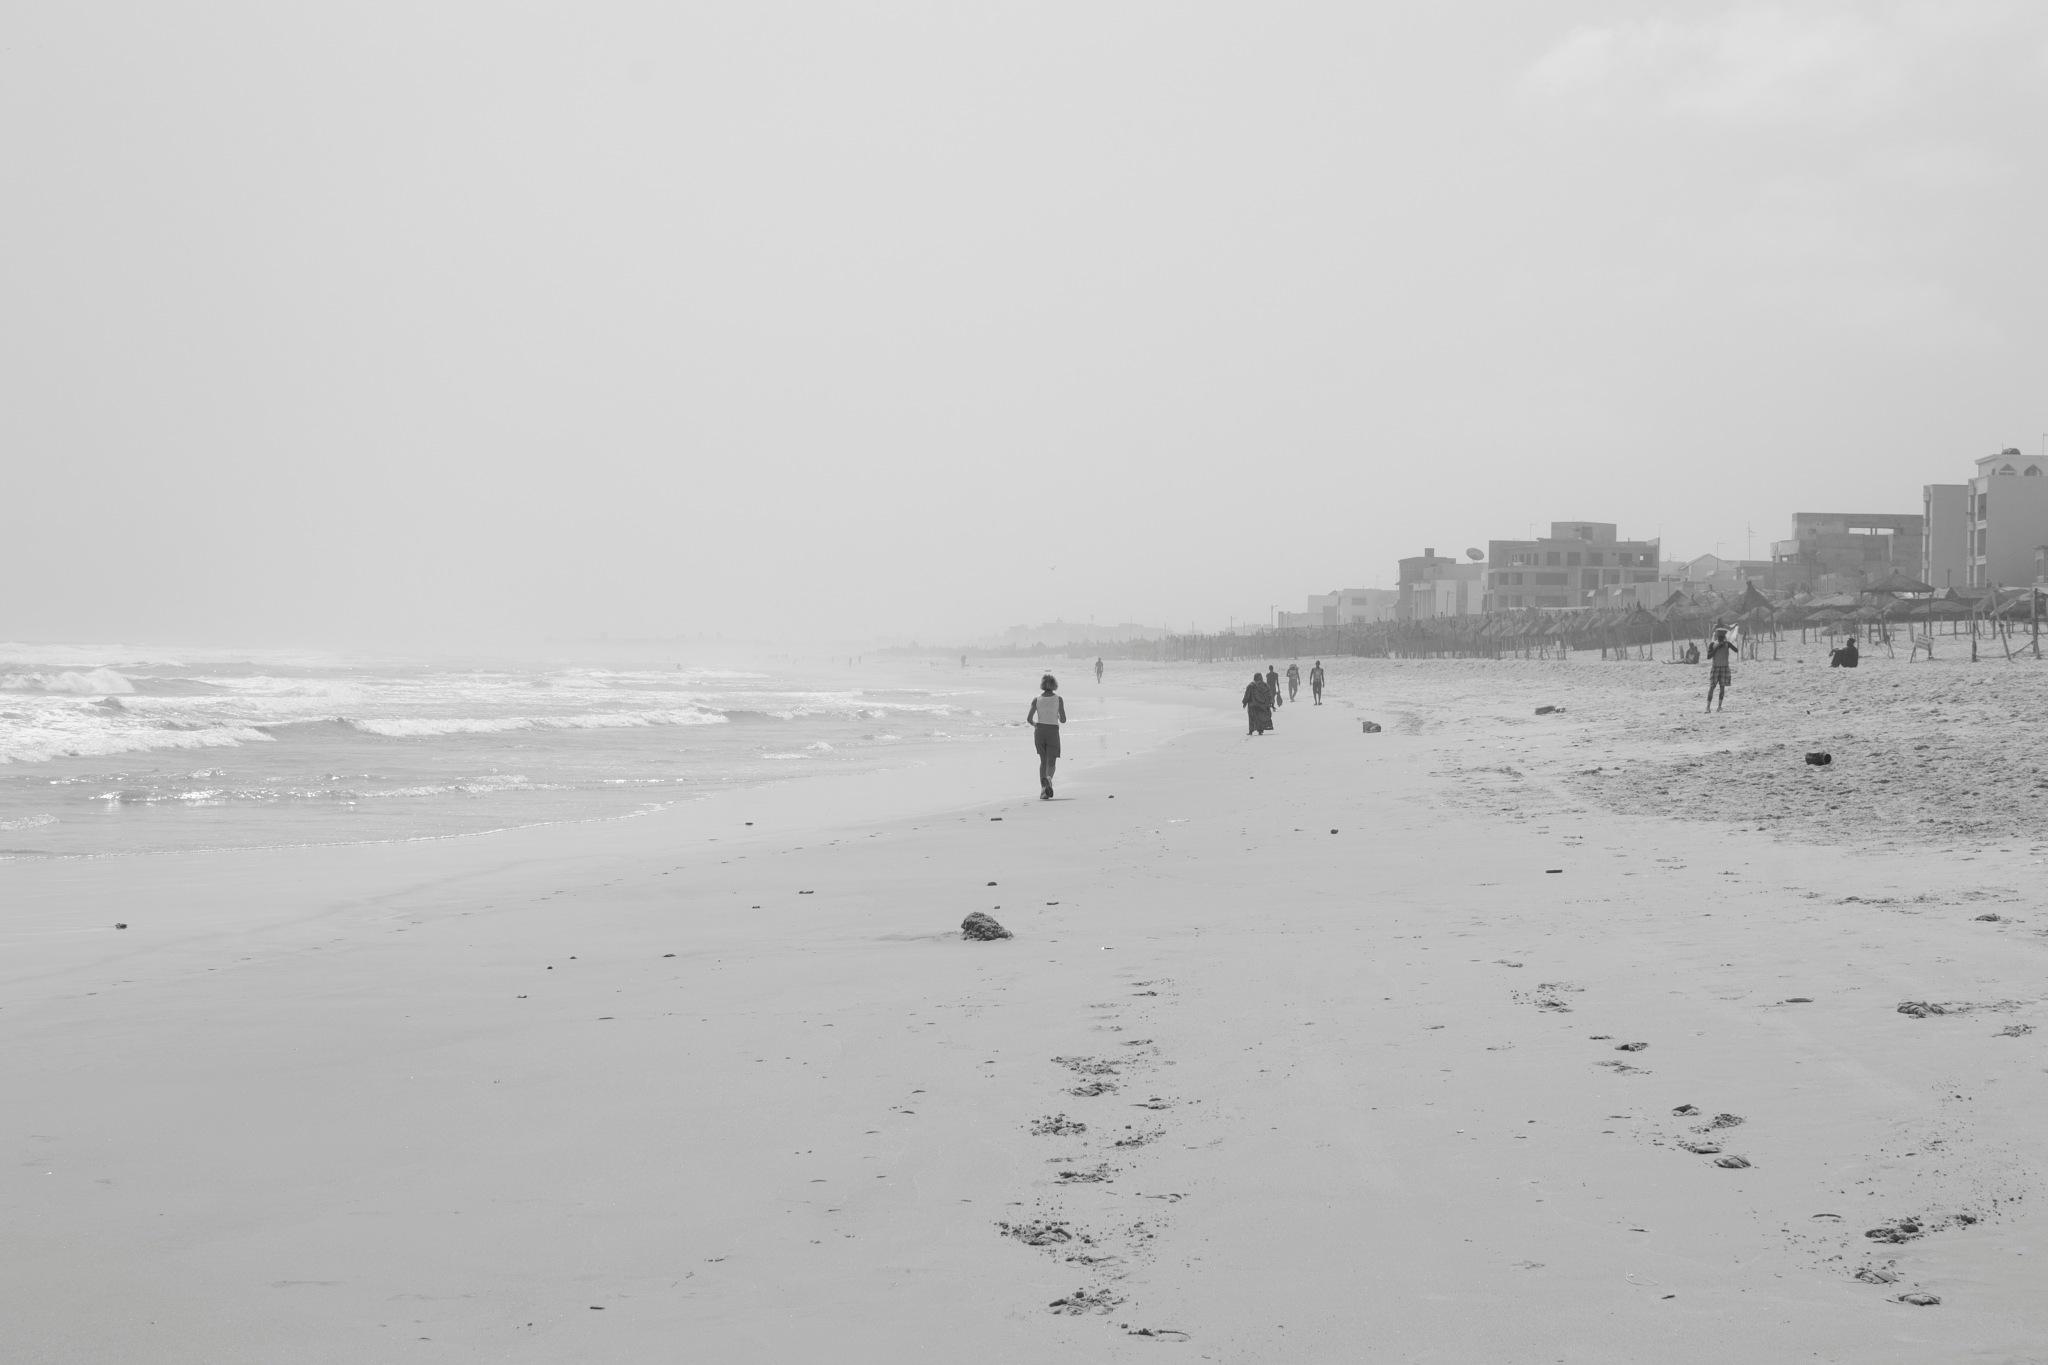 On a senegalese beach by miid0u